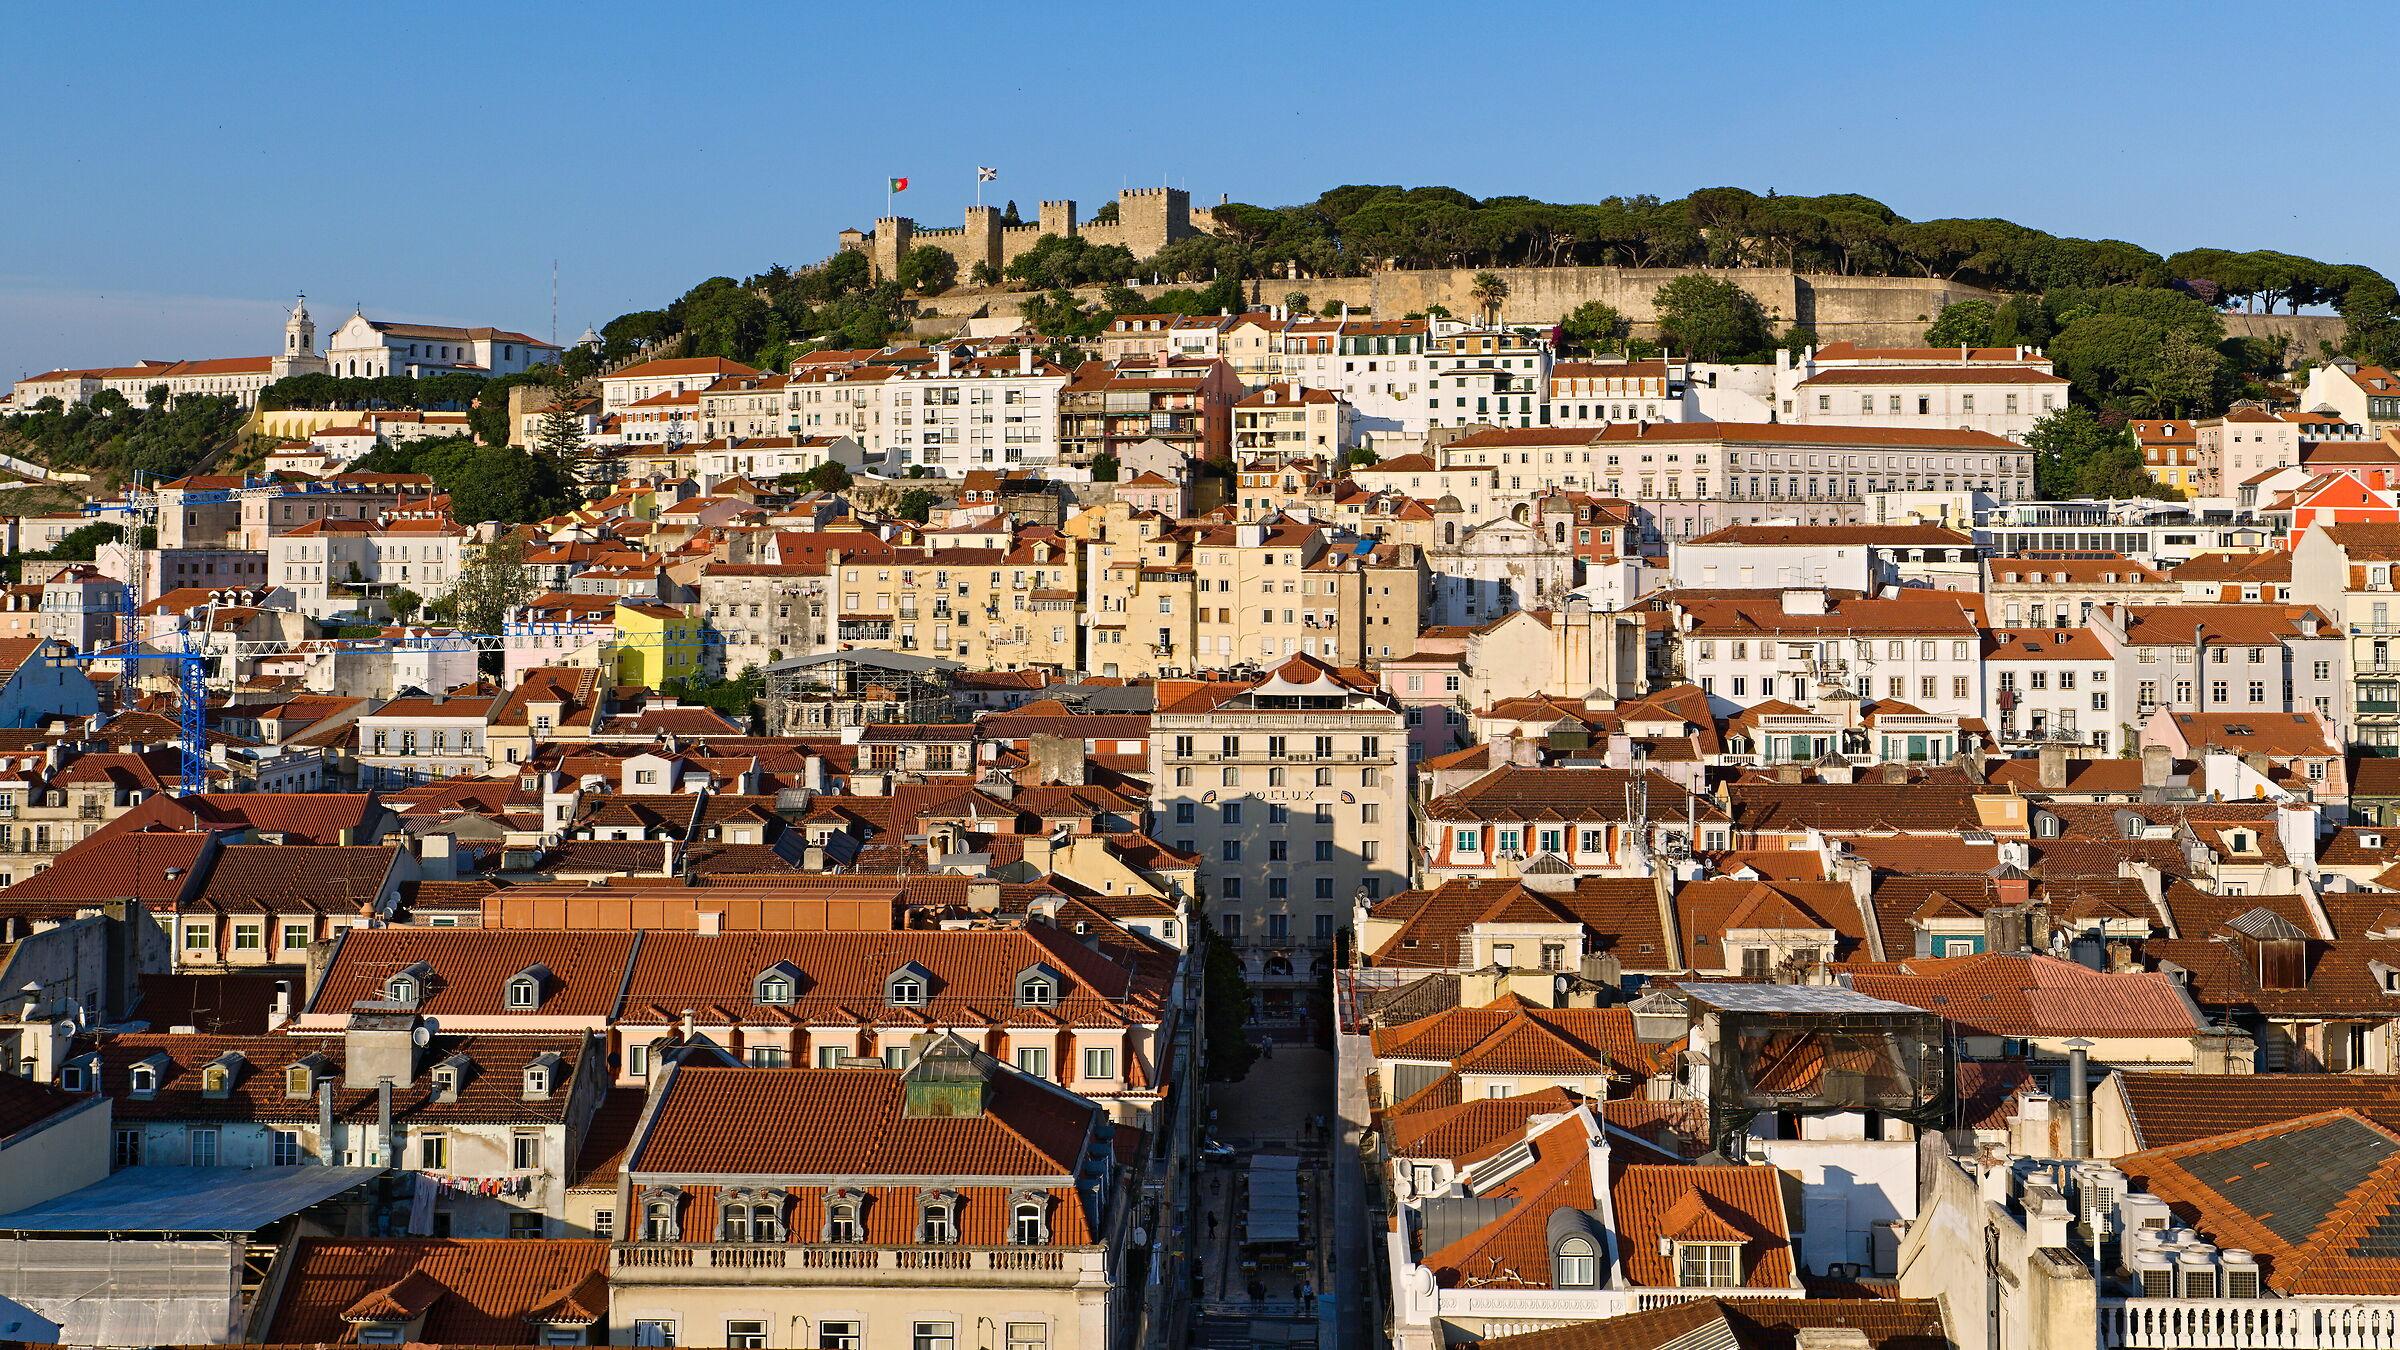 Lisbon as seen from the Elevador de Santa Justa...